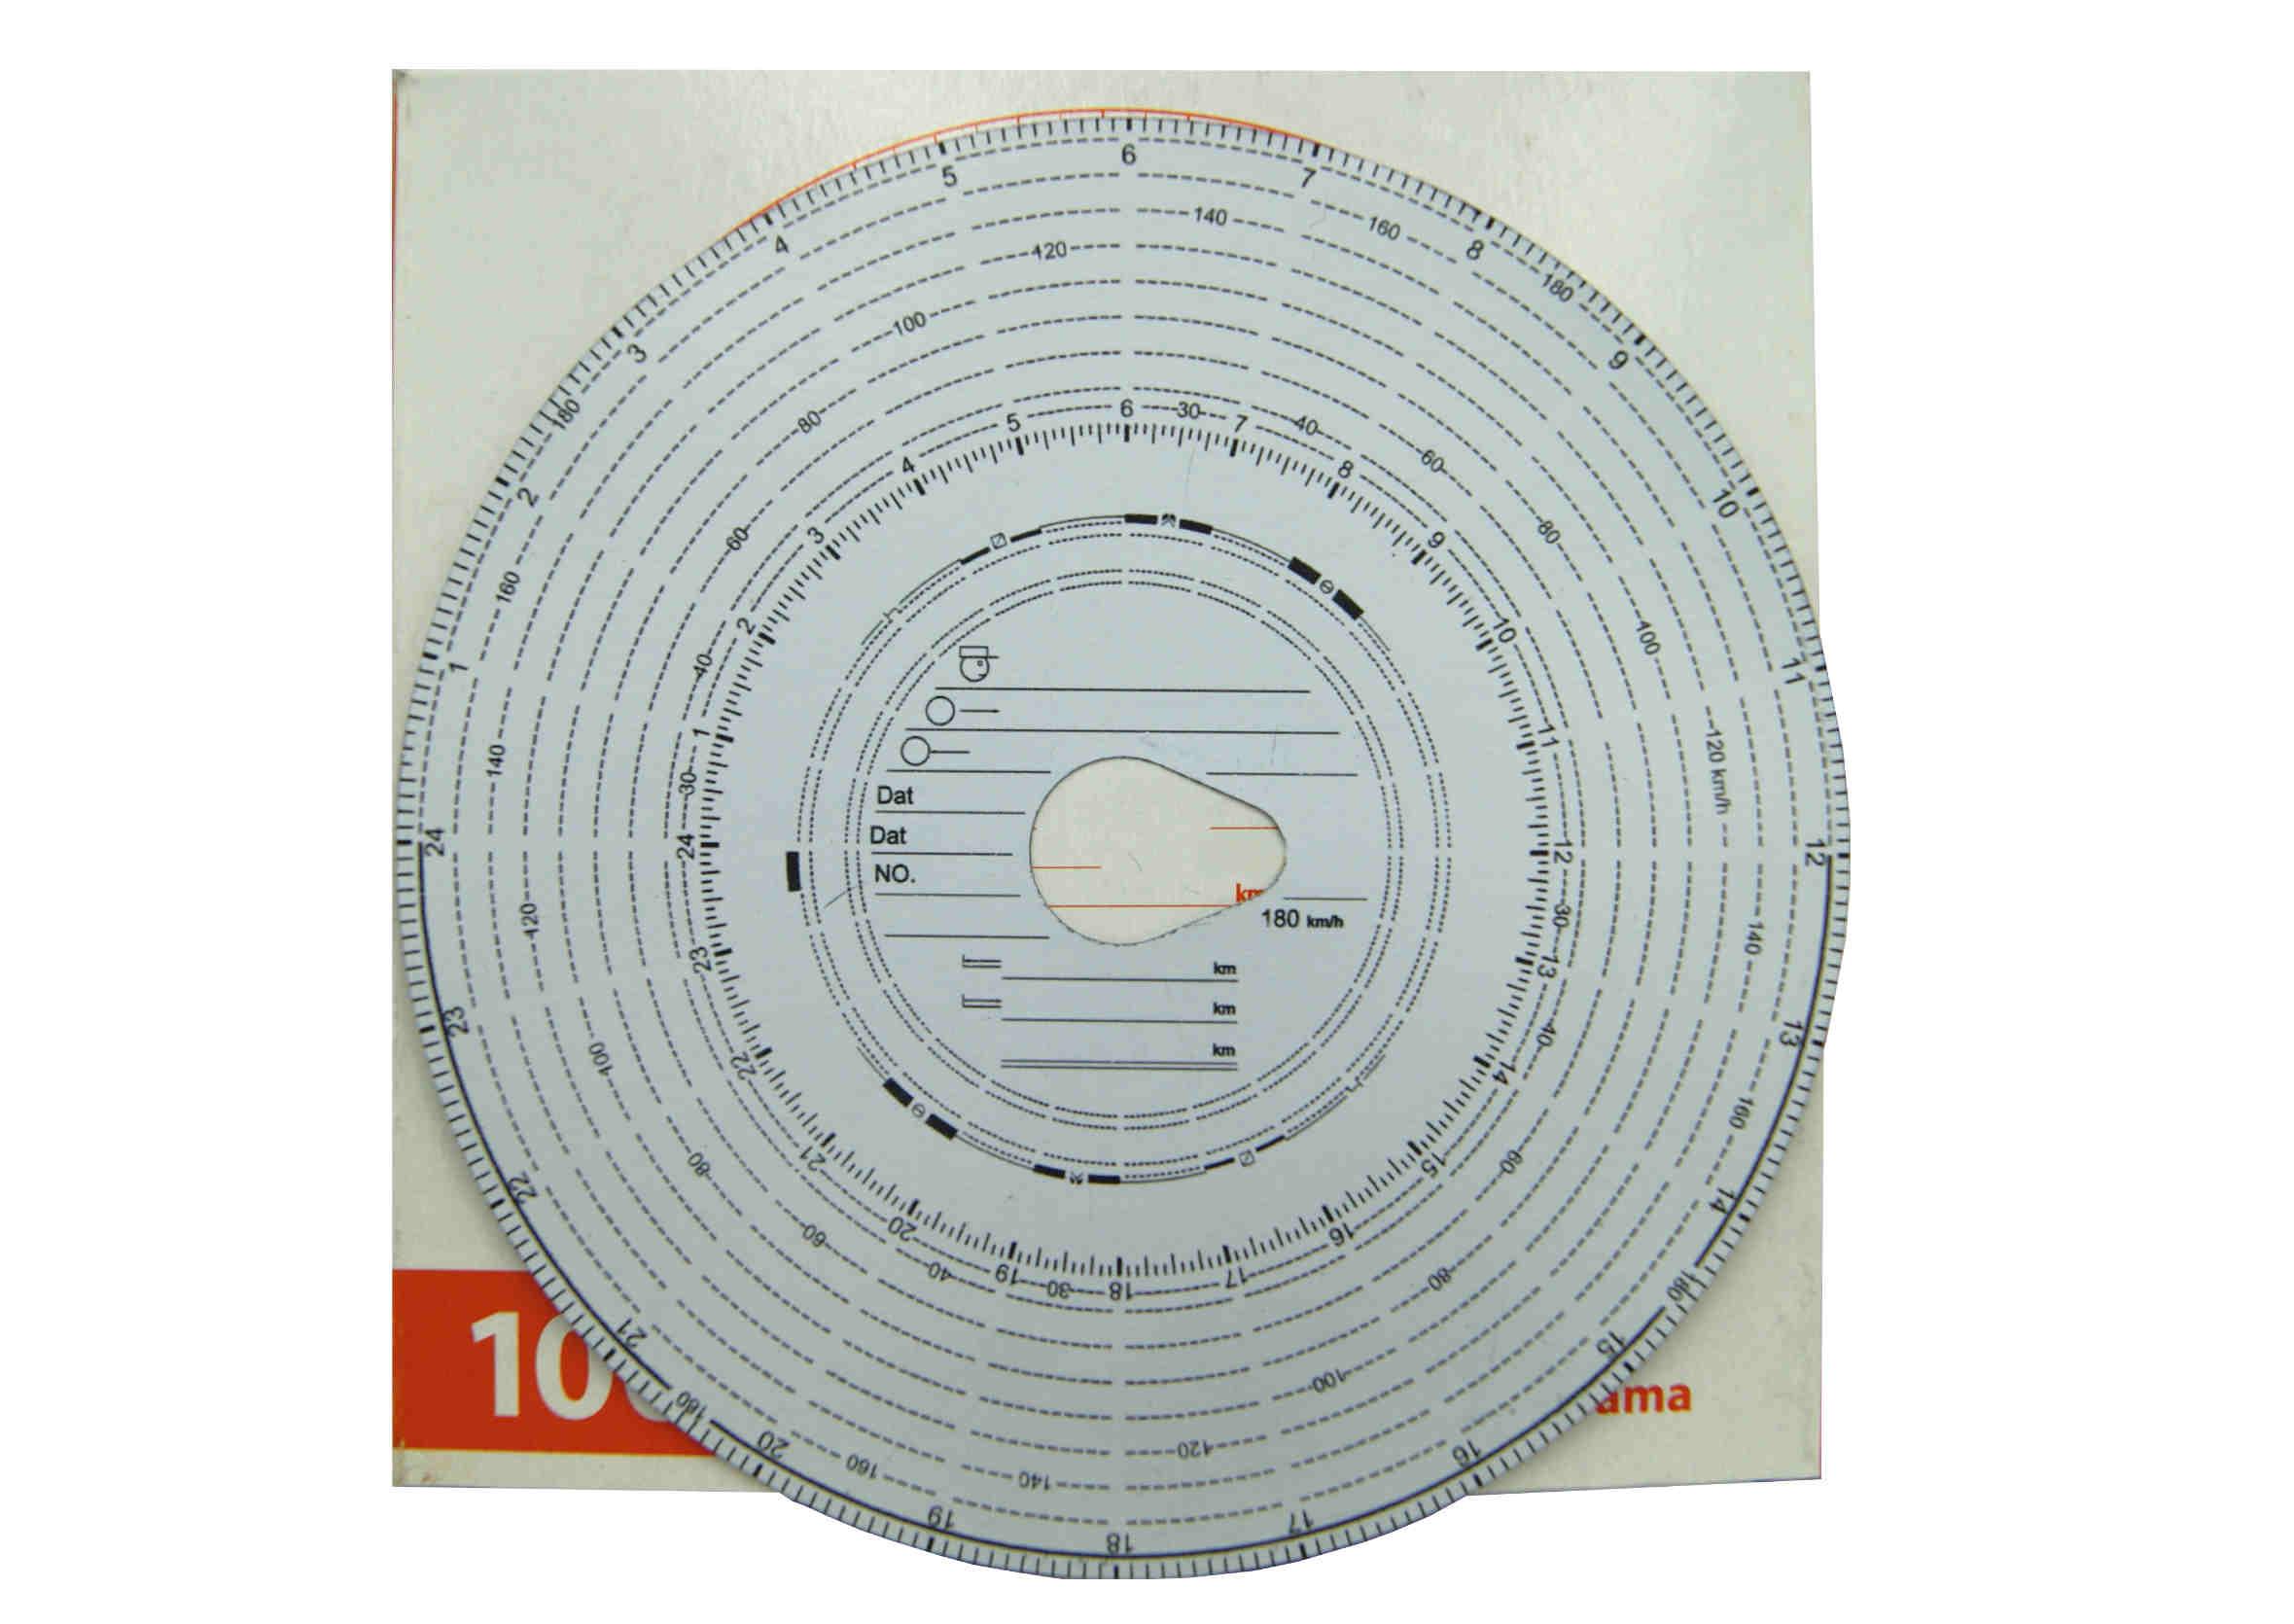 Tarczki do tachografu 180 km/h 100szt wykresówki